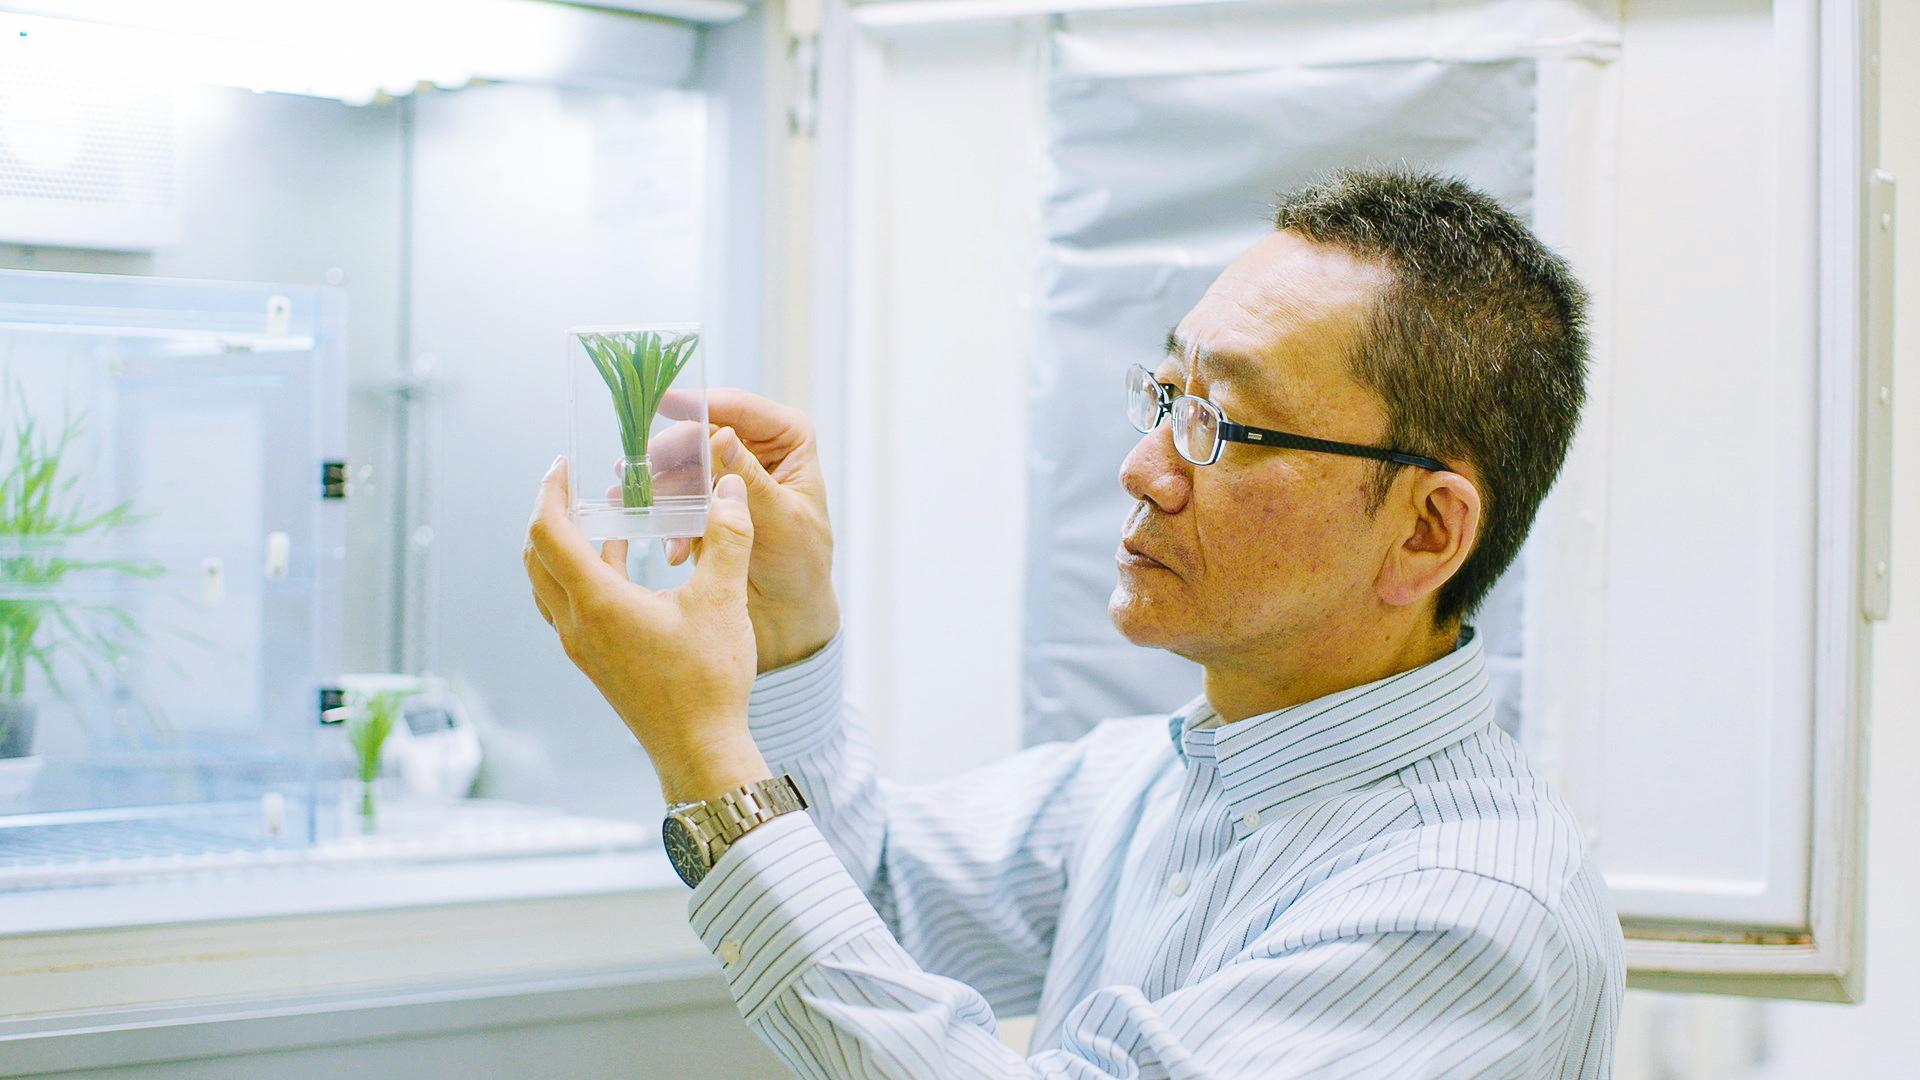 食産業学群中村茂雄教授による「昆虫食」への挑戦